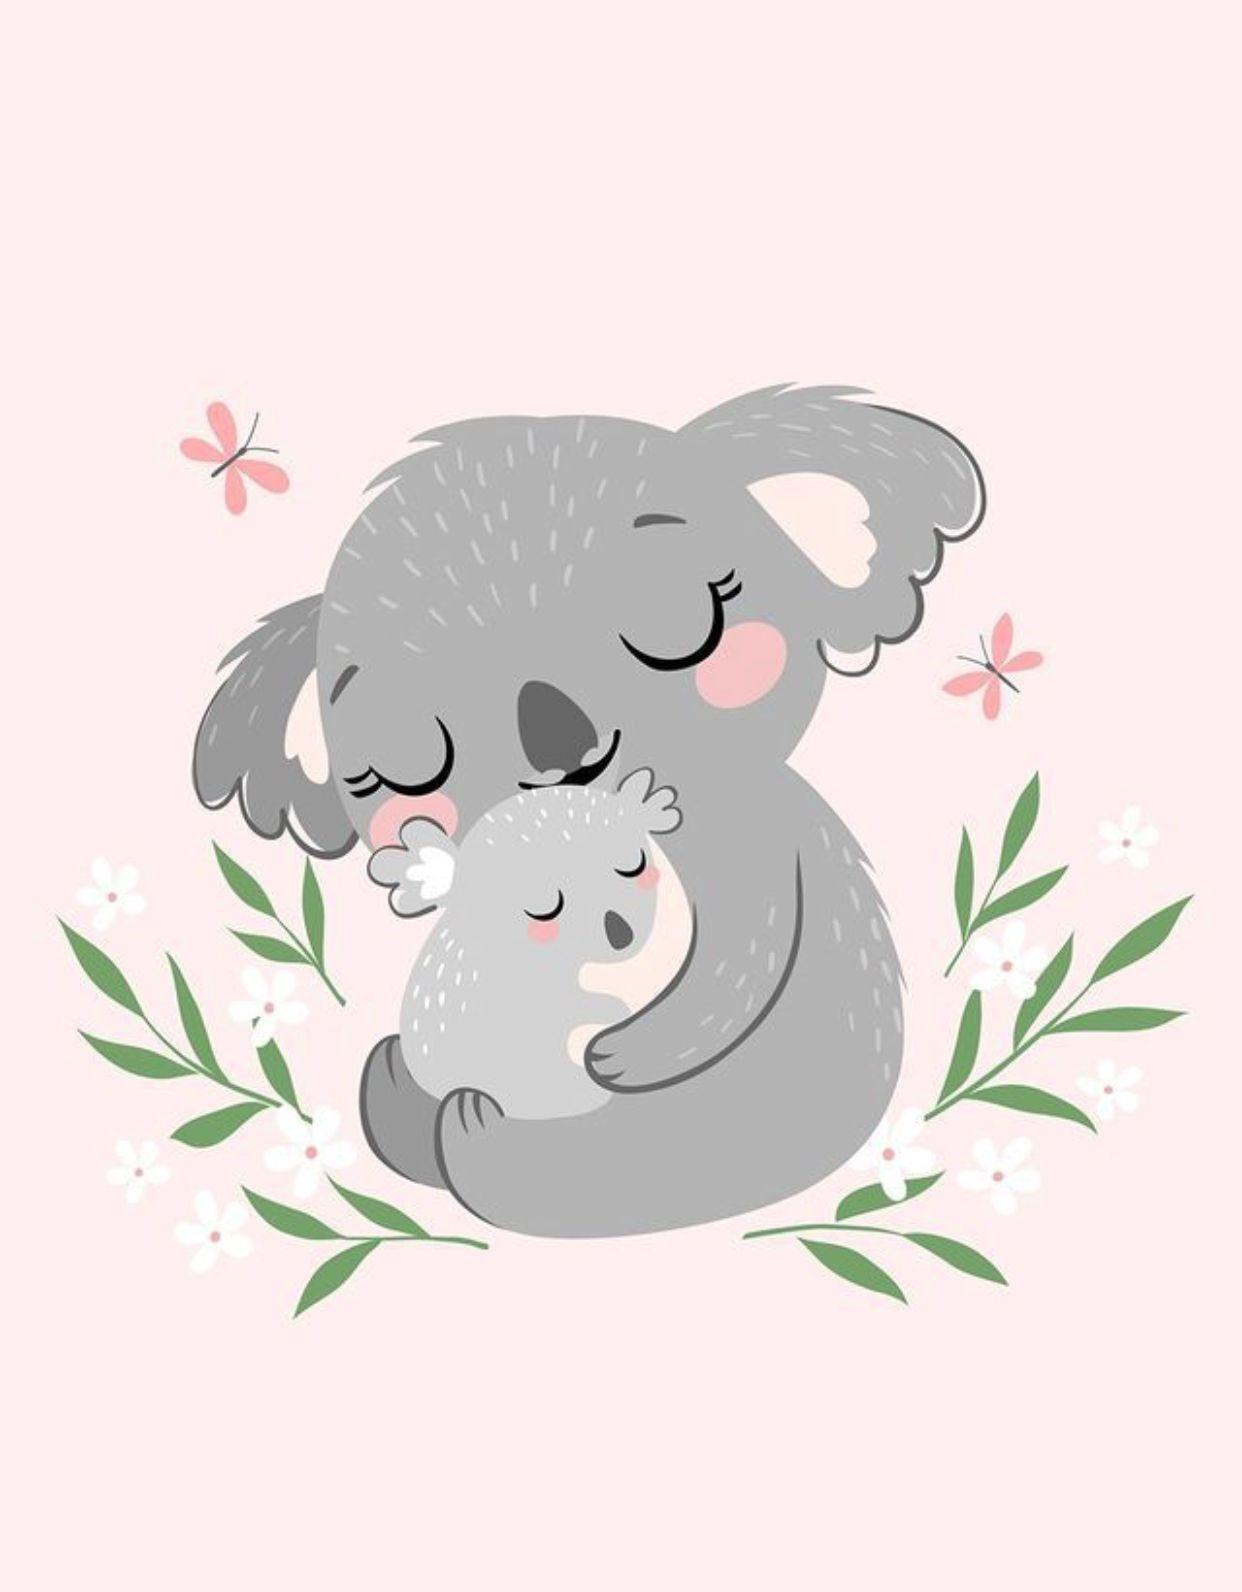 Koalas Dibujos De Animales Tiernos Dibujos Bonitos De Animales Dibujos De Animales Sencillos